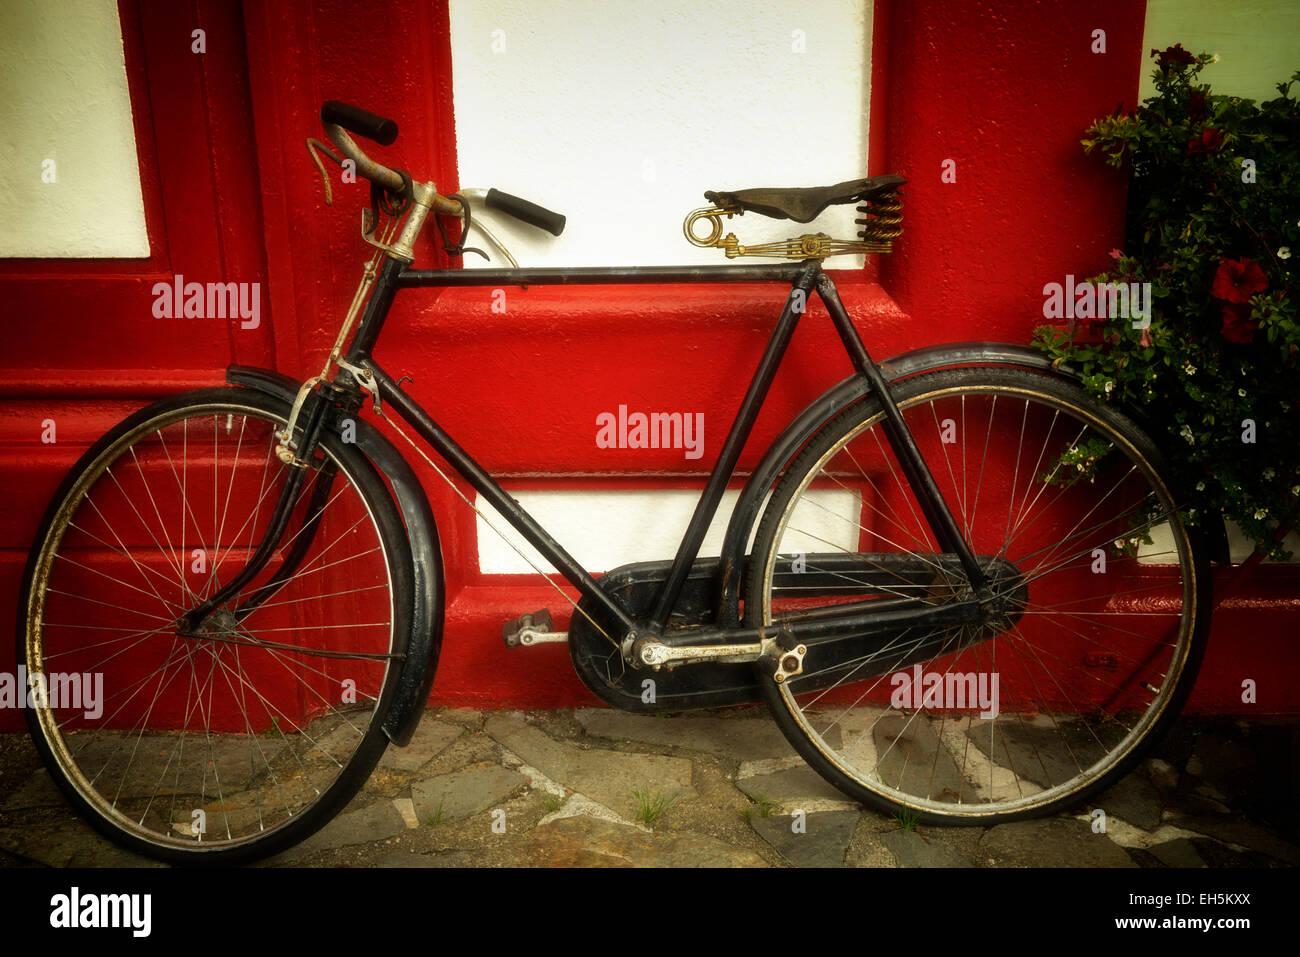 Vecchia bicicletta al negozio di fronte. Knightstown,Valentia isola,Repubblica di Irlanda Immagini Stock